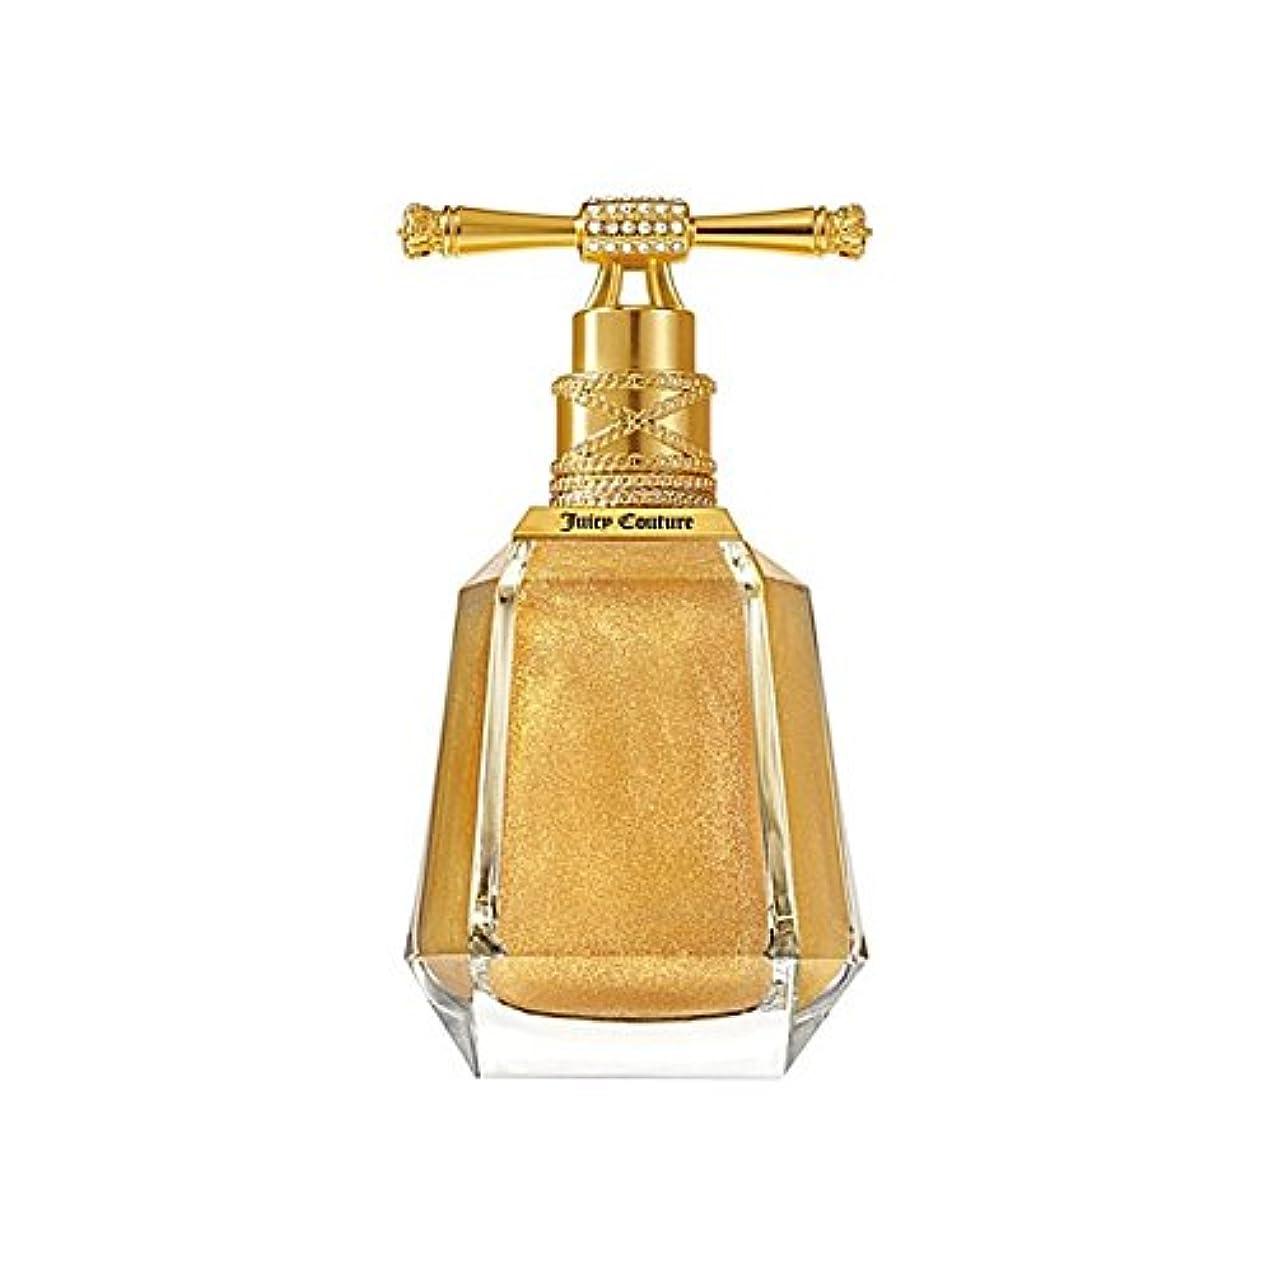 ジューシークチュールドライオイルきらめきミスト100ミリリットル x2 - Juicy Couture Dry Oil Shimmer Mist 100ml (Pack of 2) [並行輸入品]